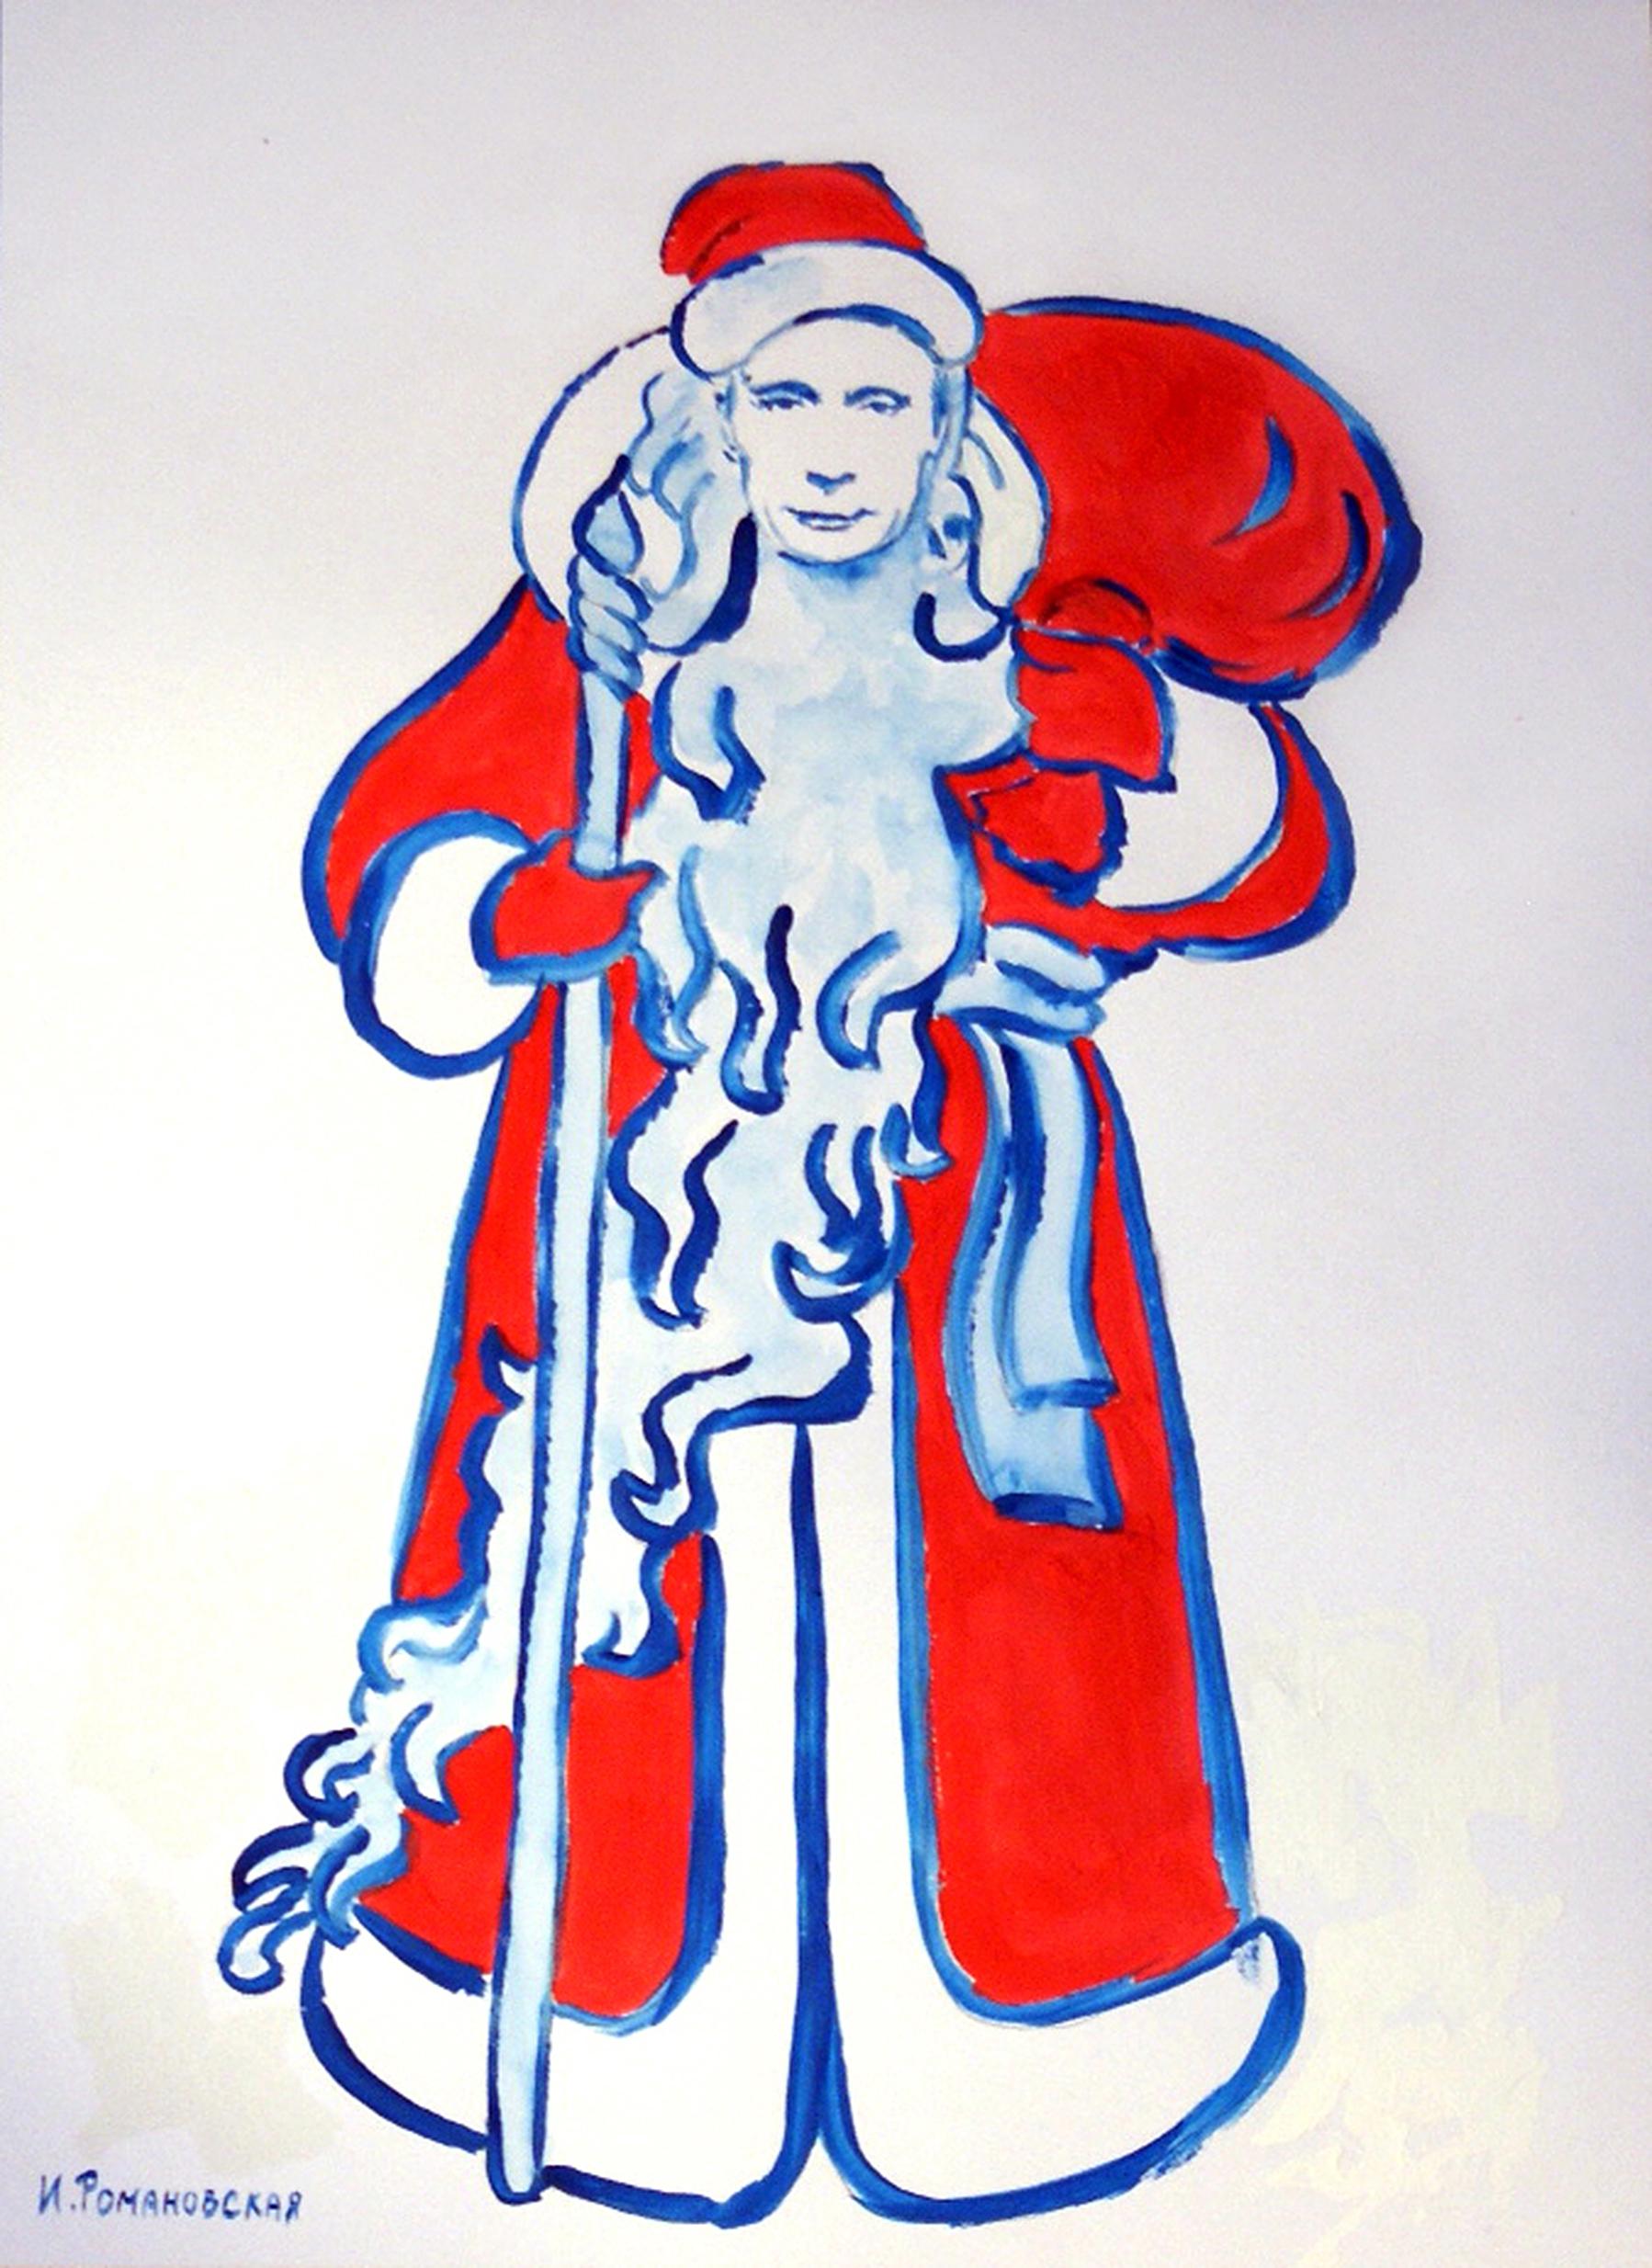 Путіна у незвичайний способі намалювали Дідом Морозом, а Медведєва - сніговиком - фото 2